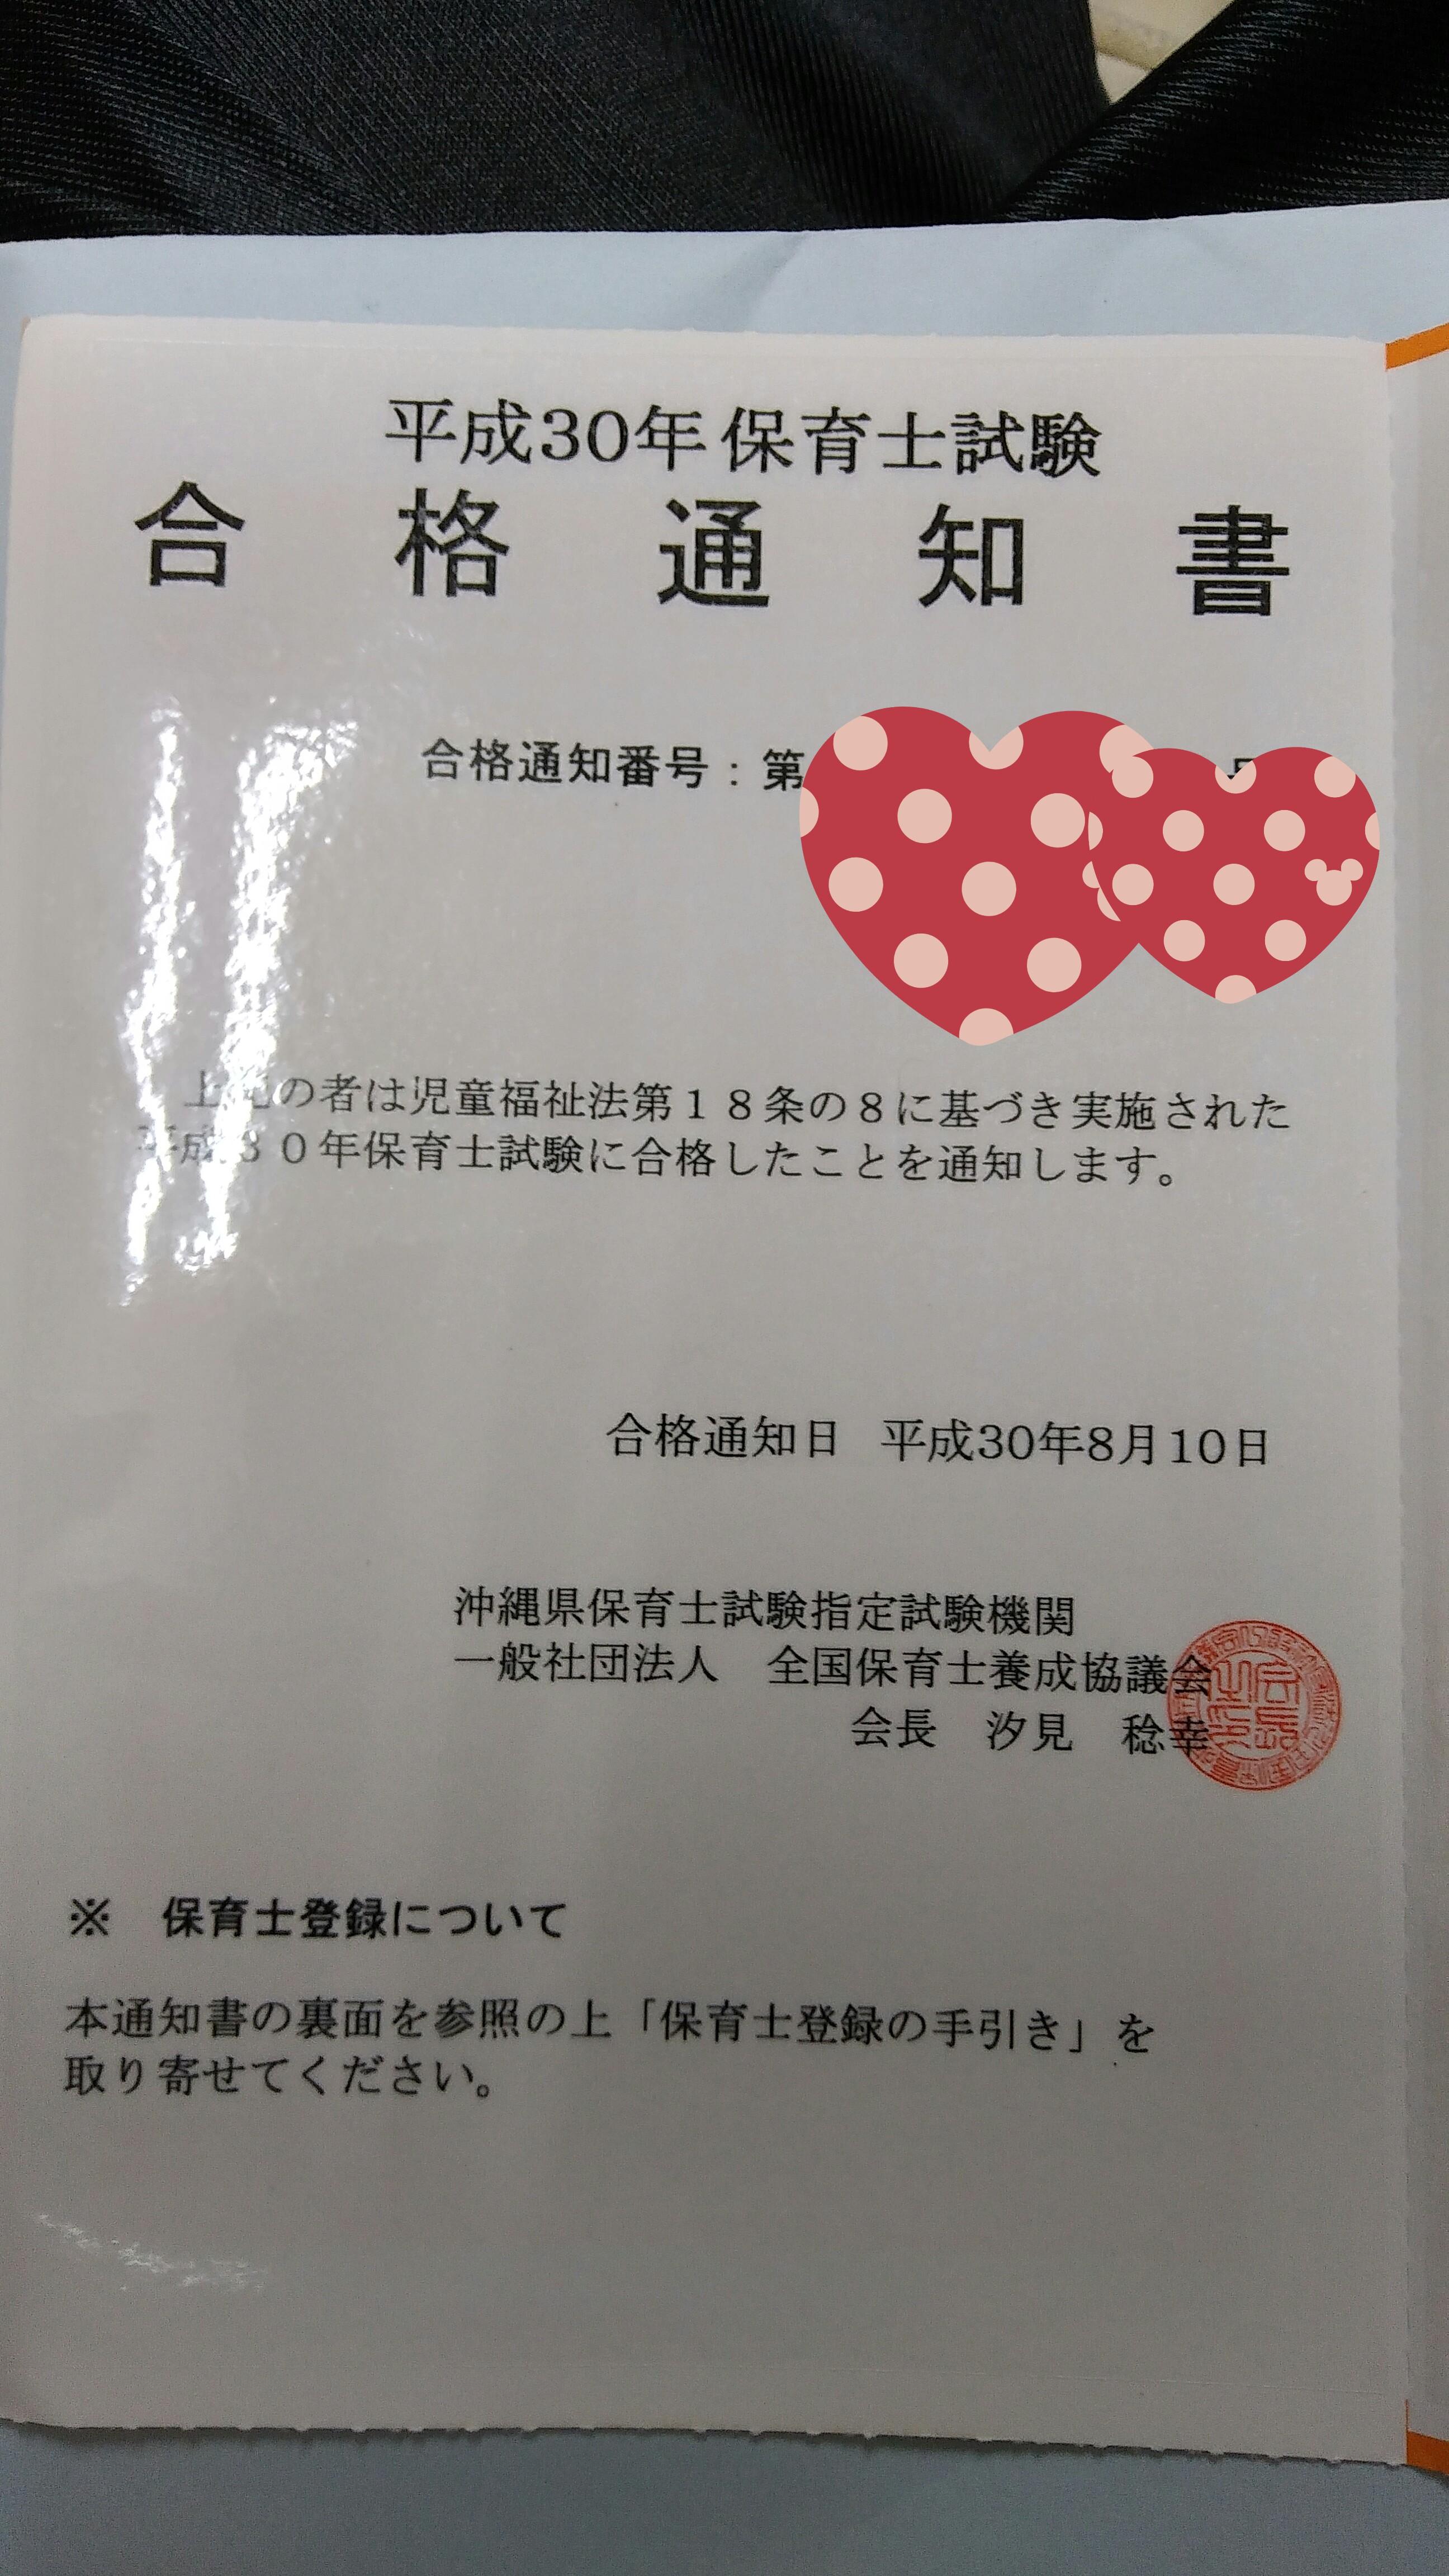 保育士試験の合格通知。造形と言語